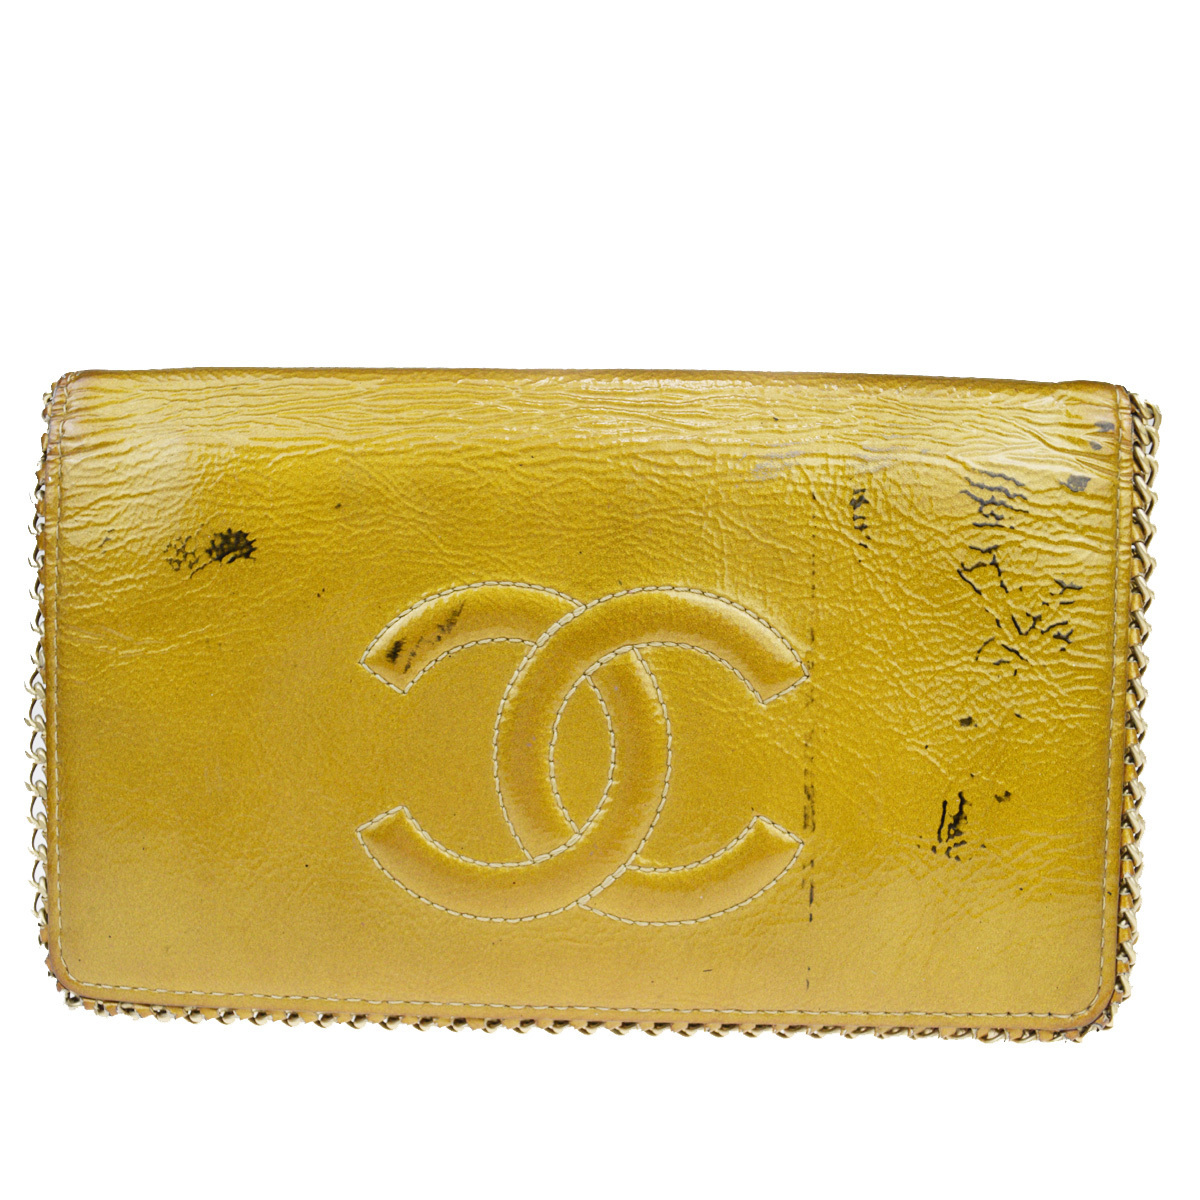 【中古】 シャネル(Chanel) チェーン CC パテントレザー 長財布(二つ折り) ブロンズ 07FA957